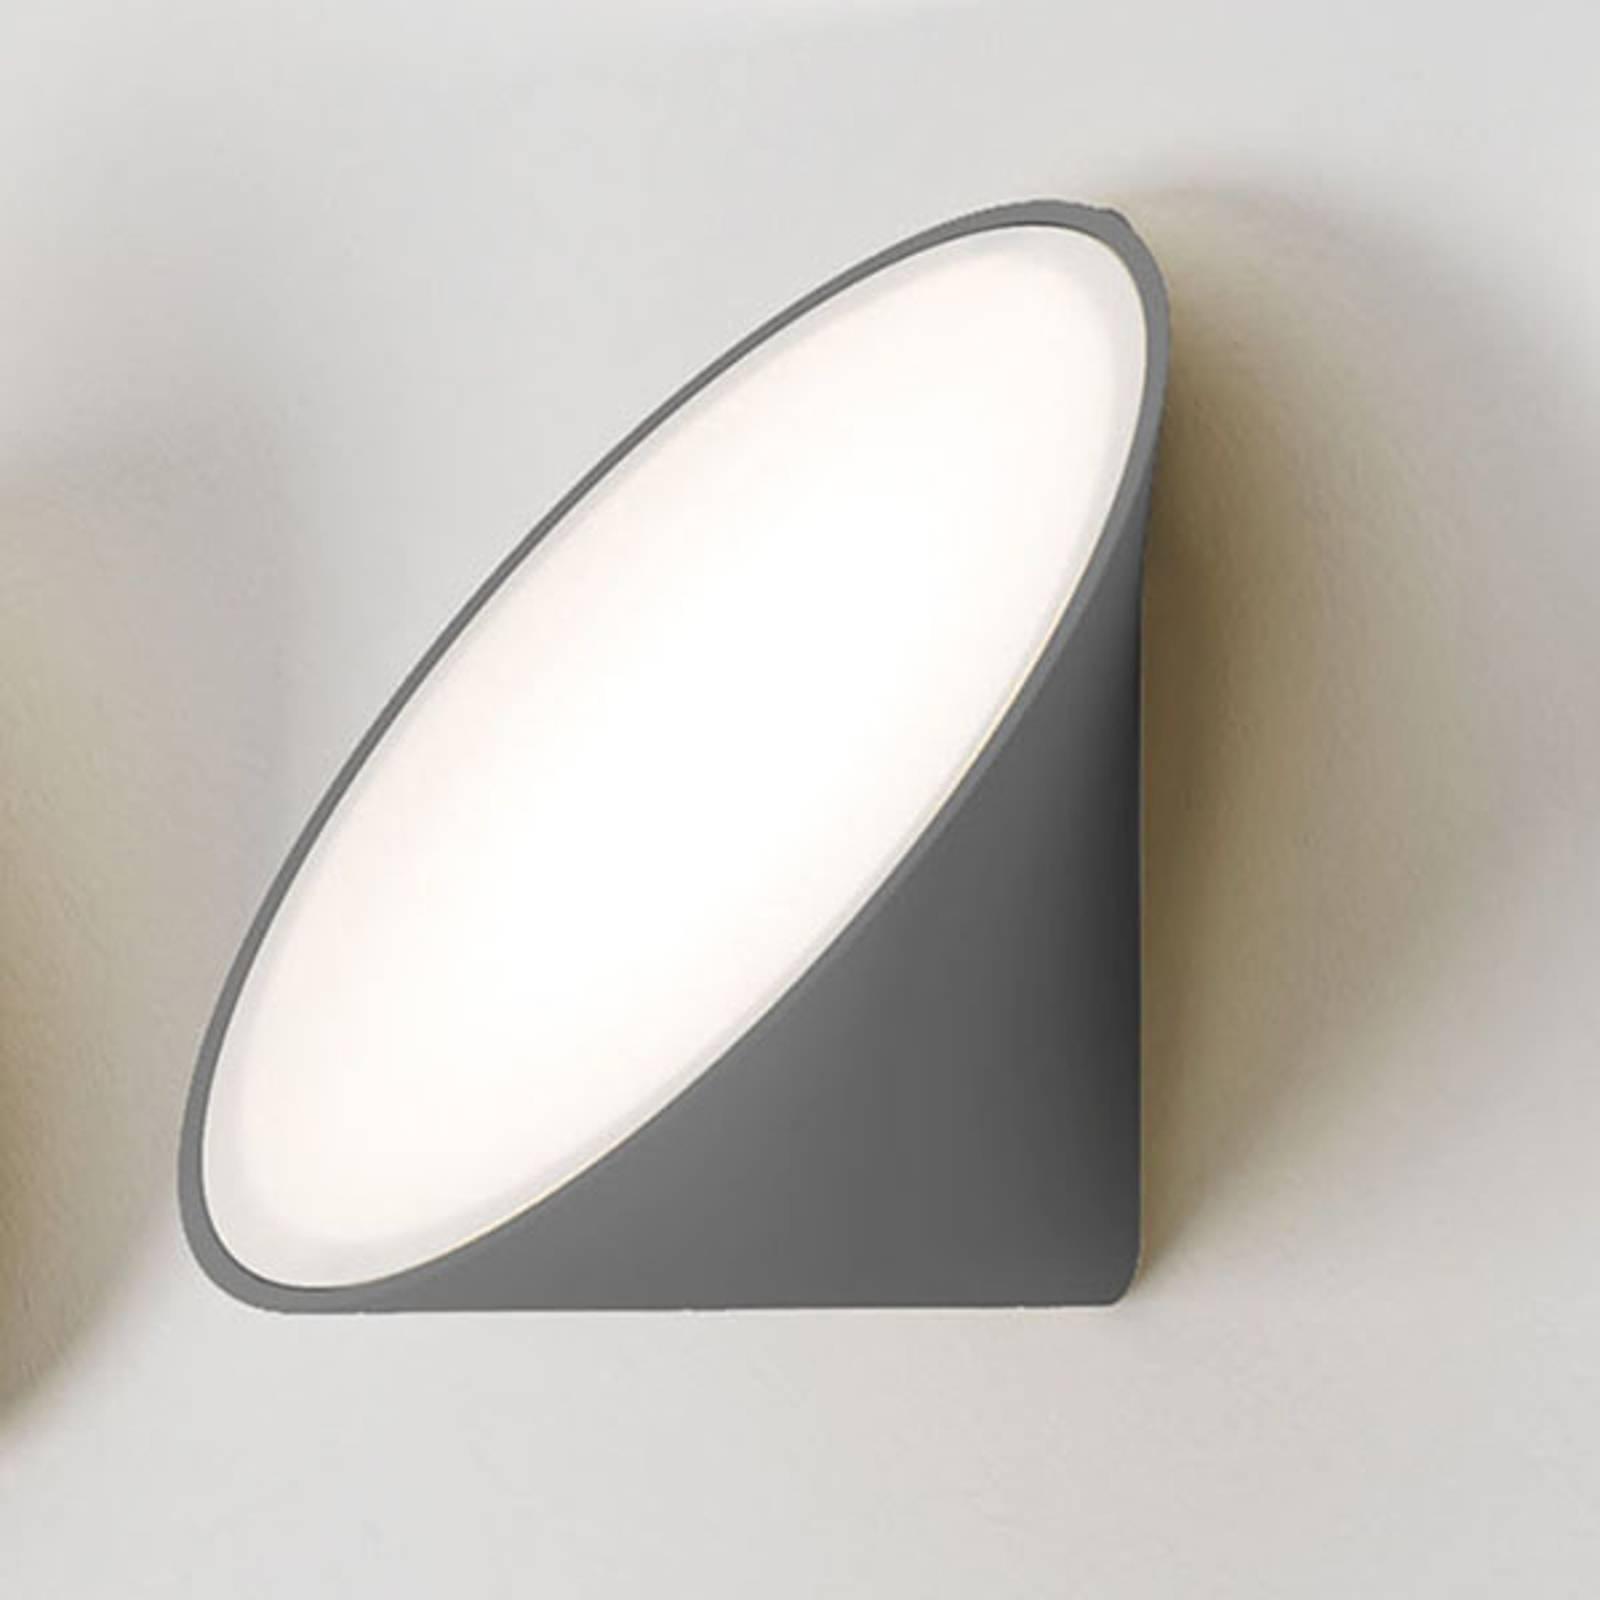 Axolight Orchid LED-seinävalaisin, tummanharmaa